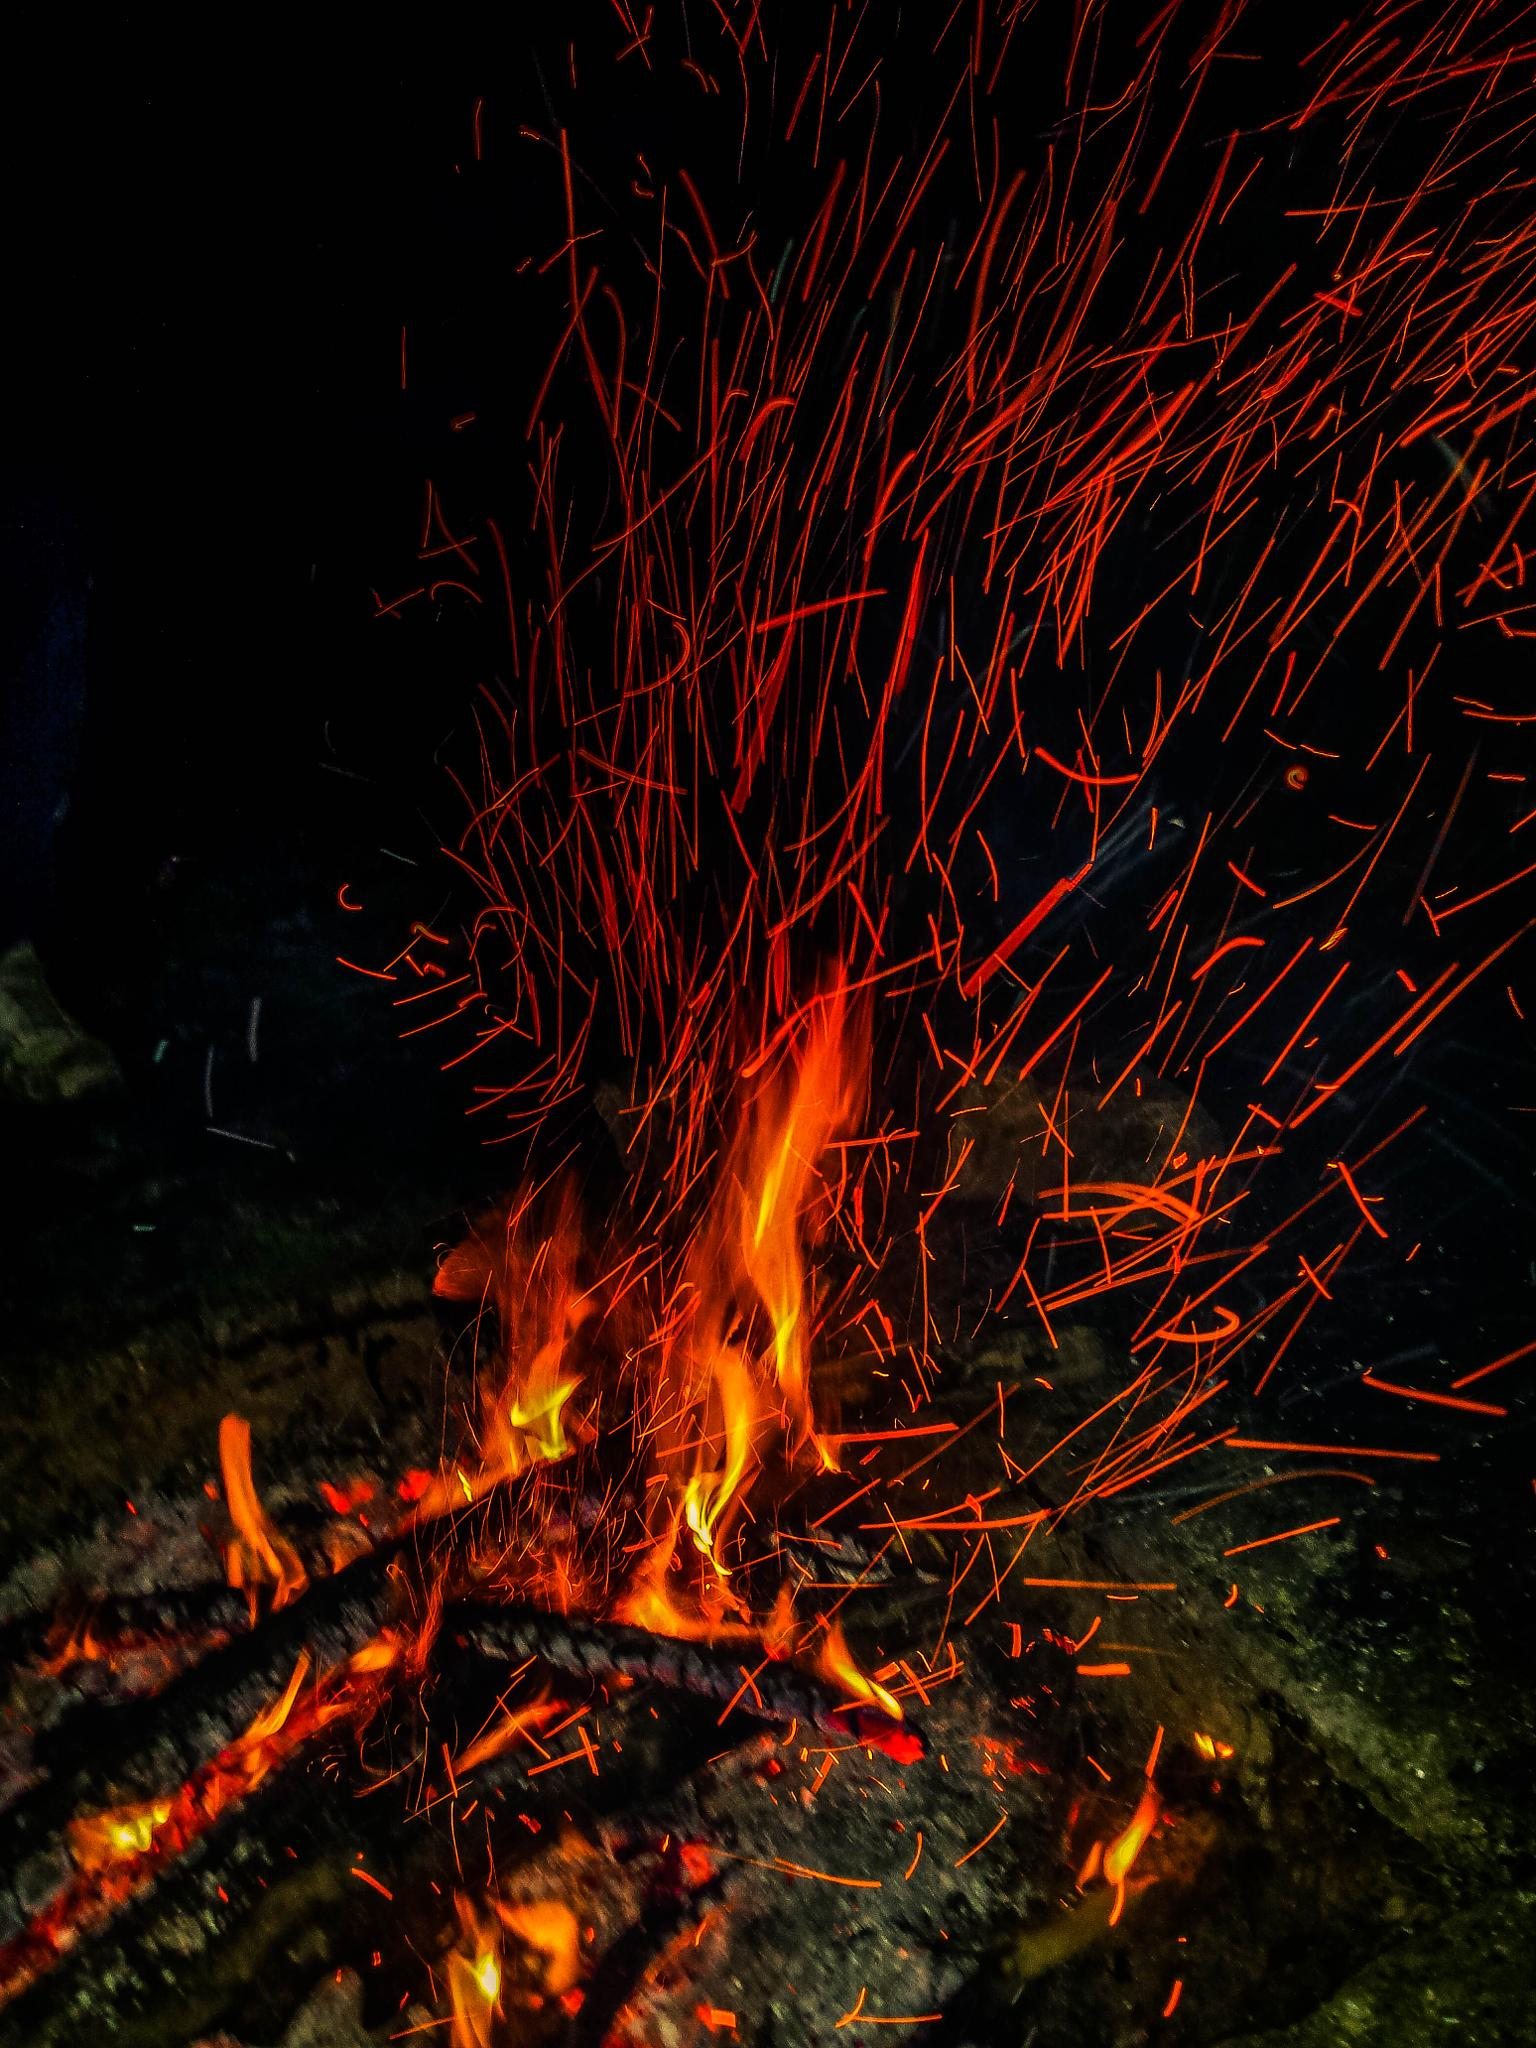 Sparks by Branislav